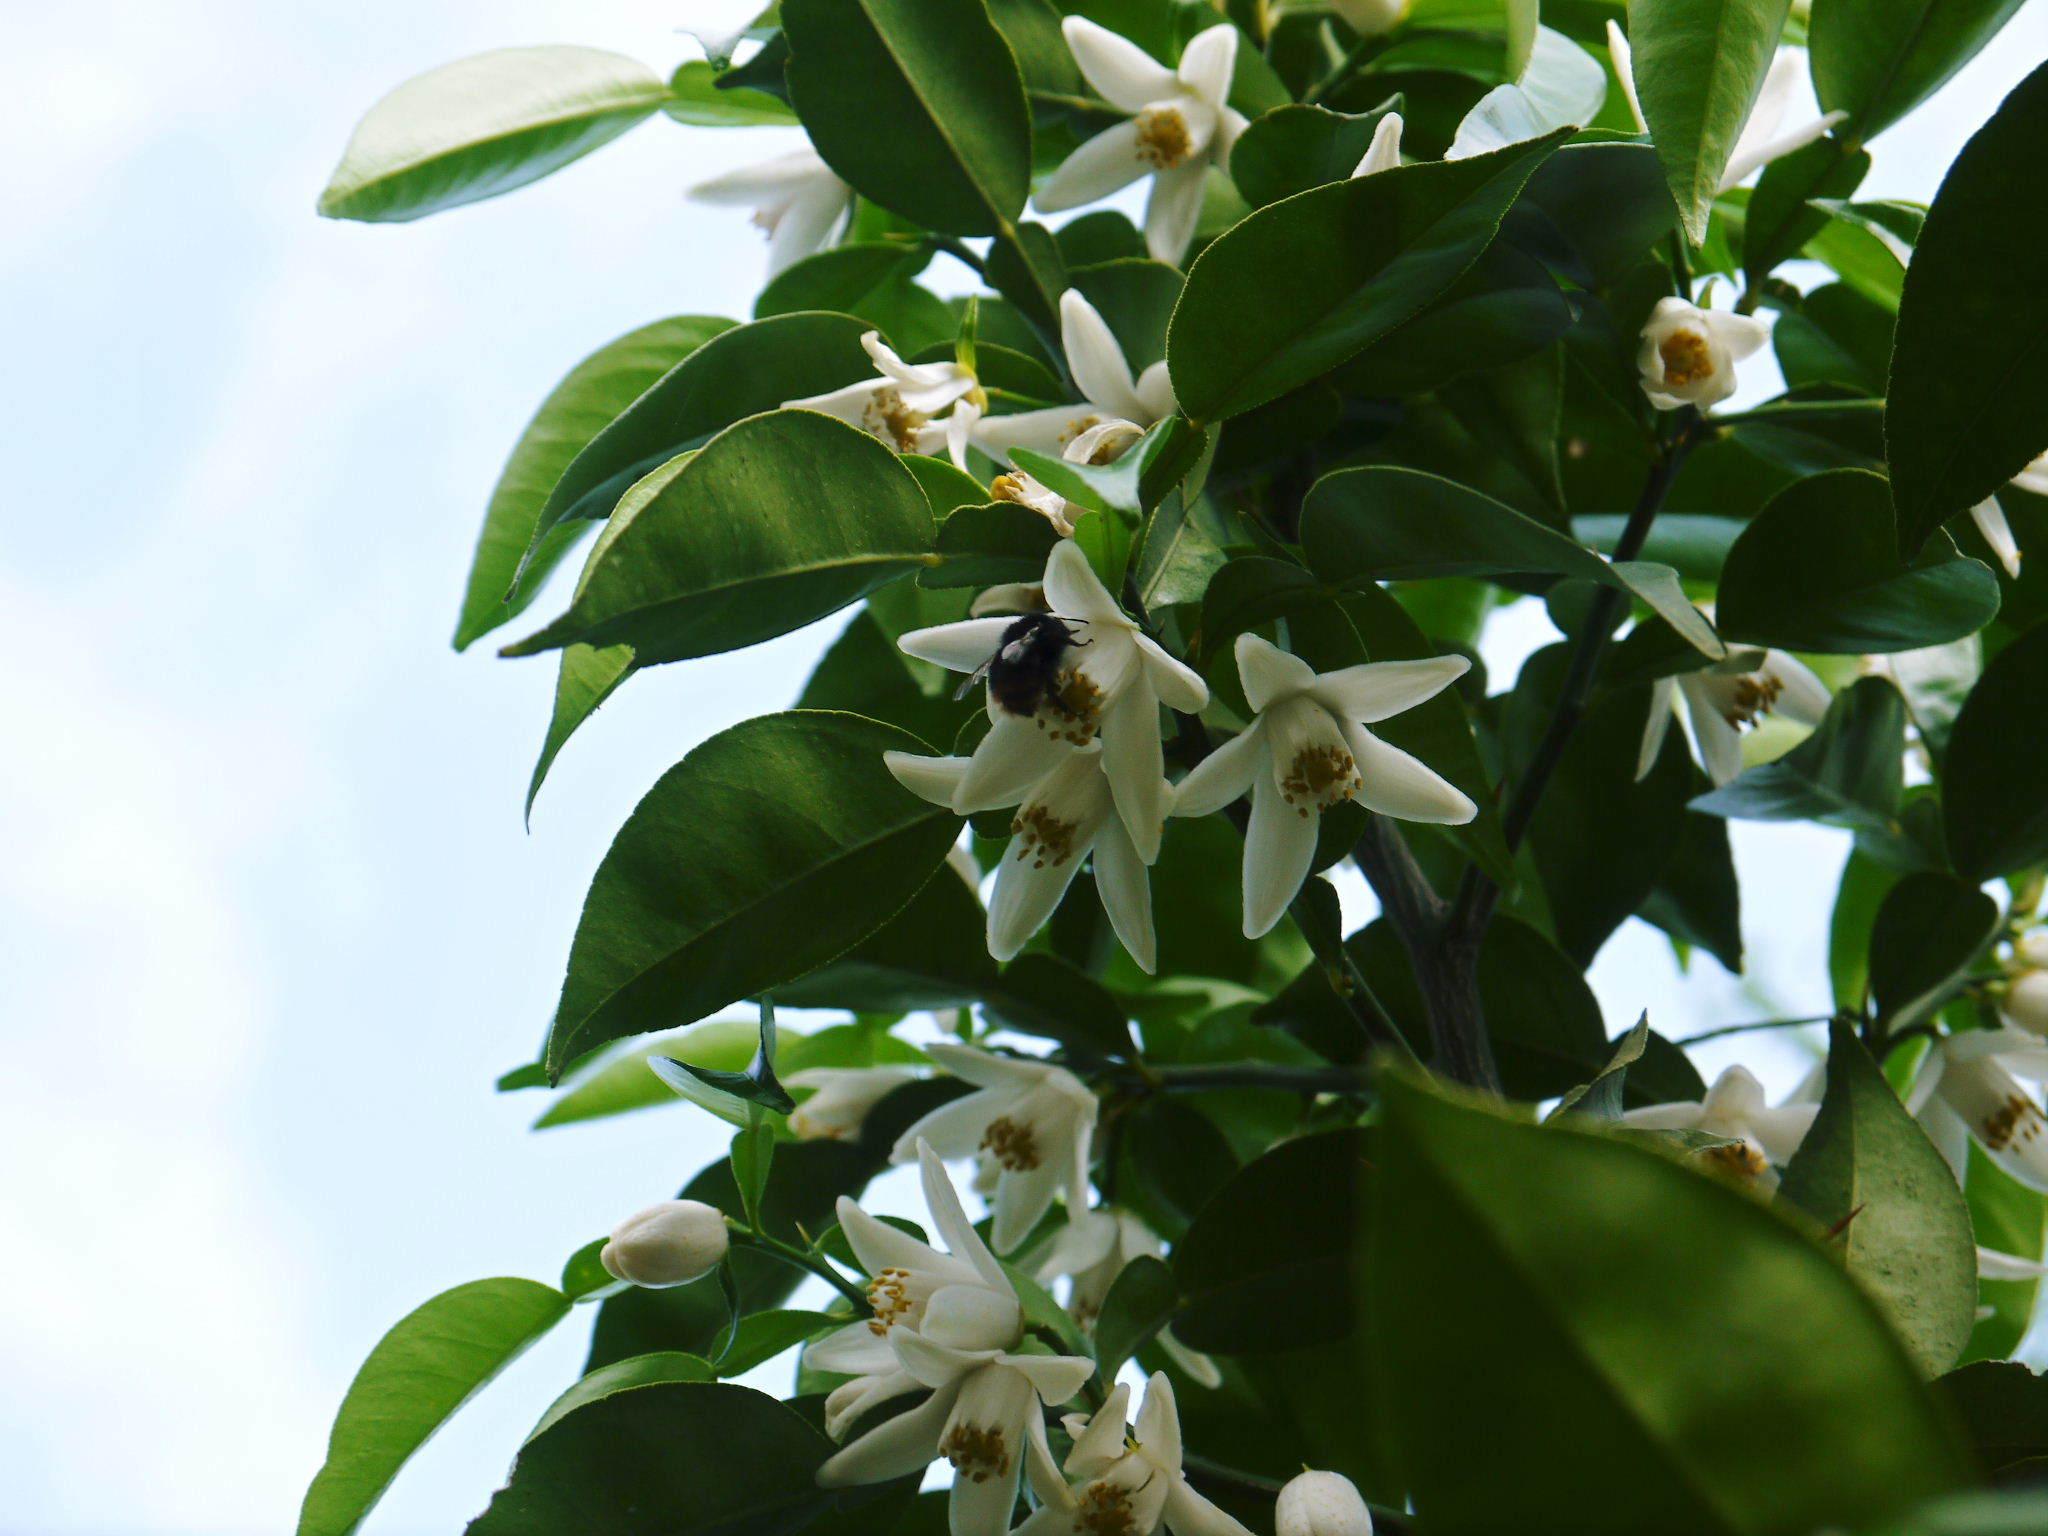 香り高き柚子(ゆず) 今年も元気な花が咲き誇ってます!柚子の花(2020)_a0254656_19062510.jpg